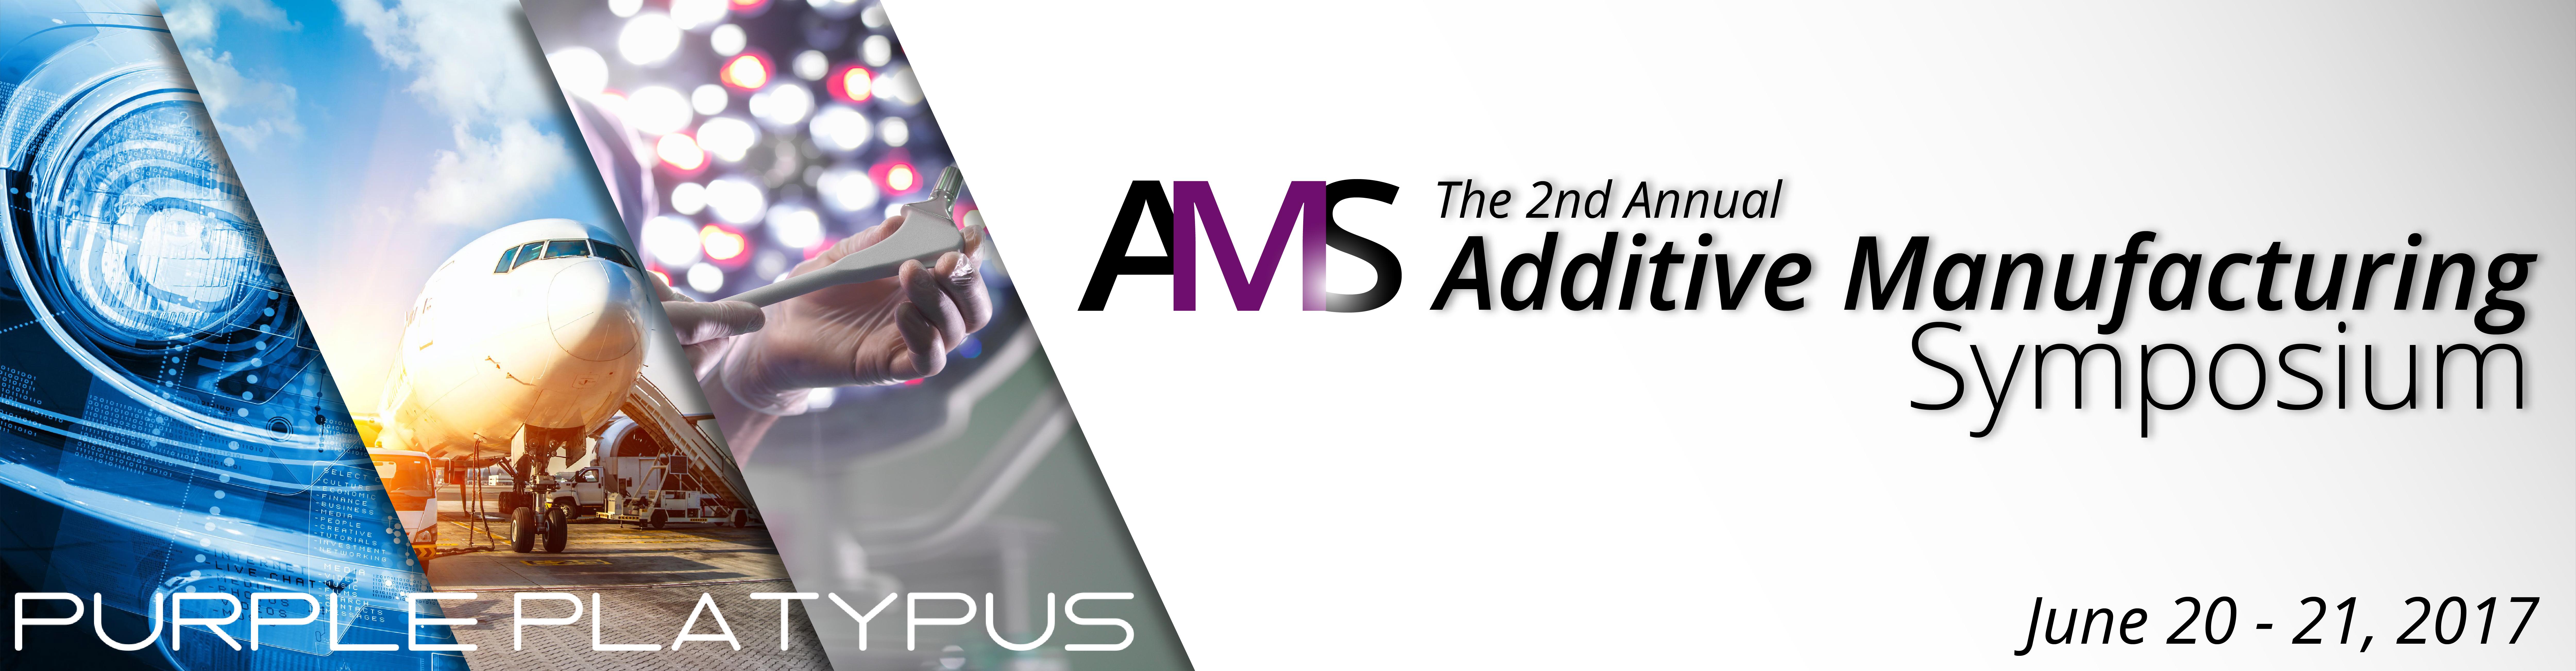 additive-manufacturing-symposium